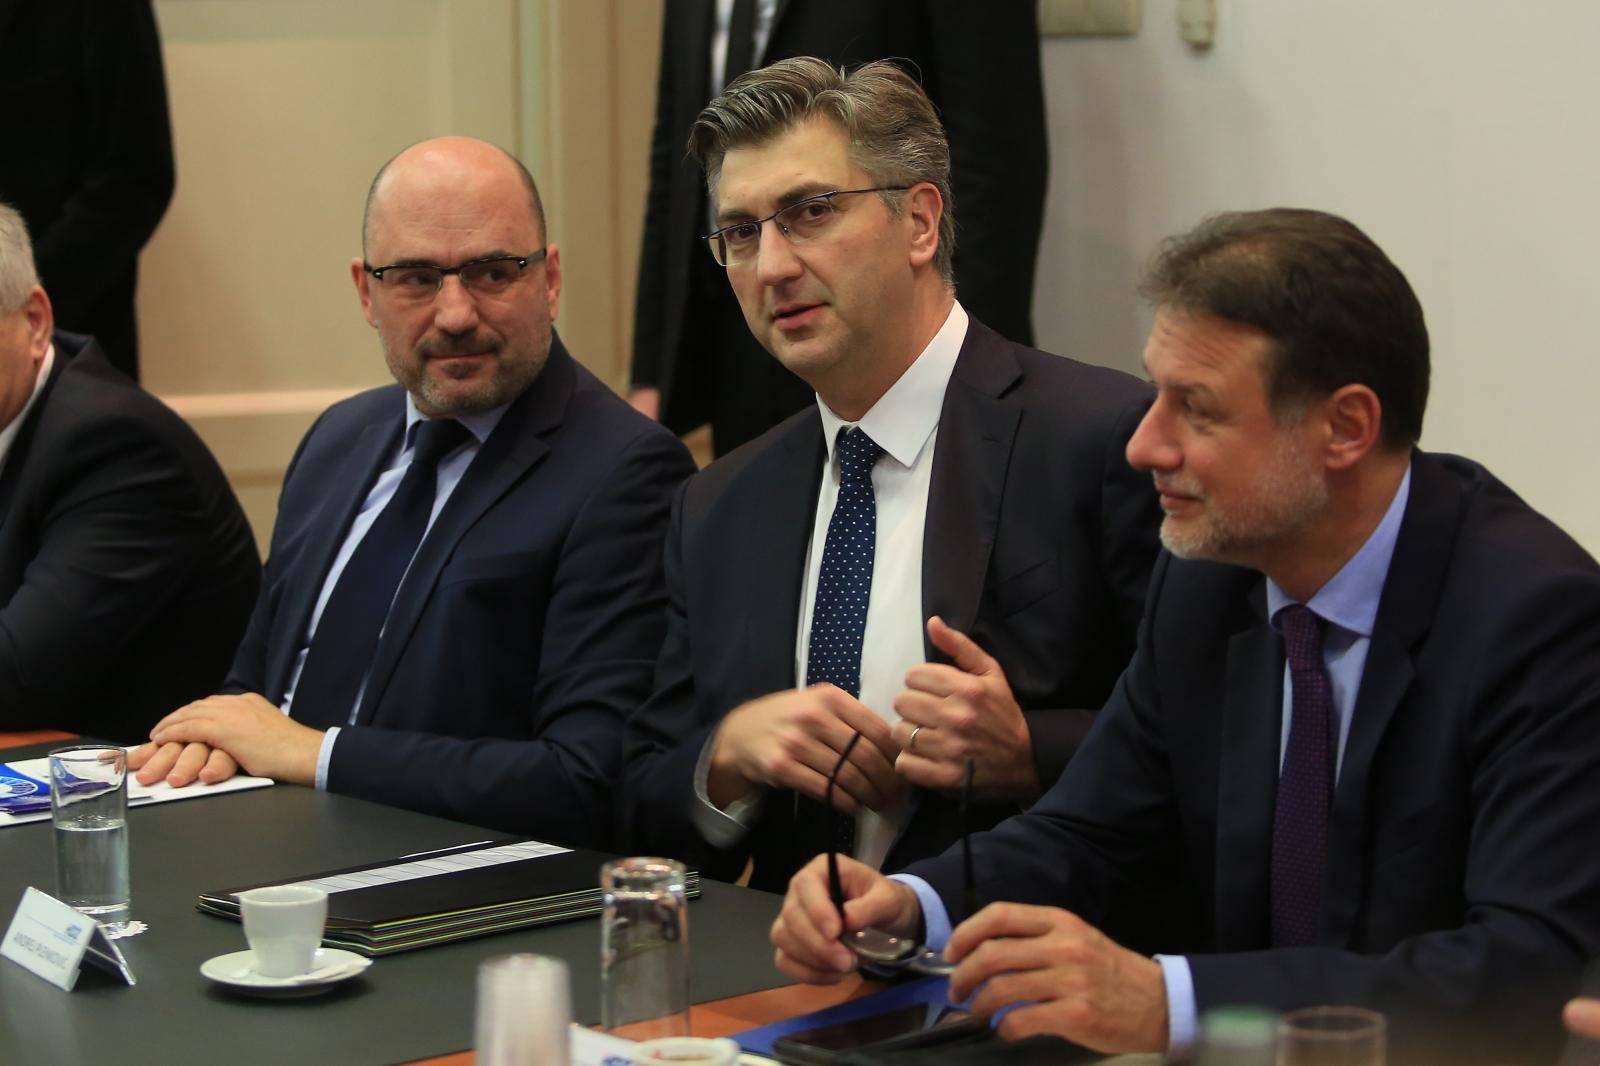 'Dok je Brkić bio glavni tajnik gubili smo izbore i imali minus'